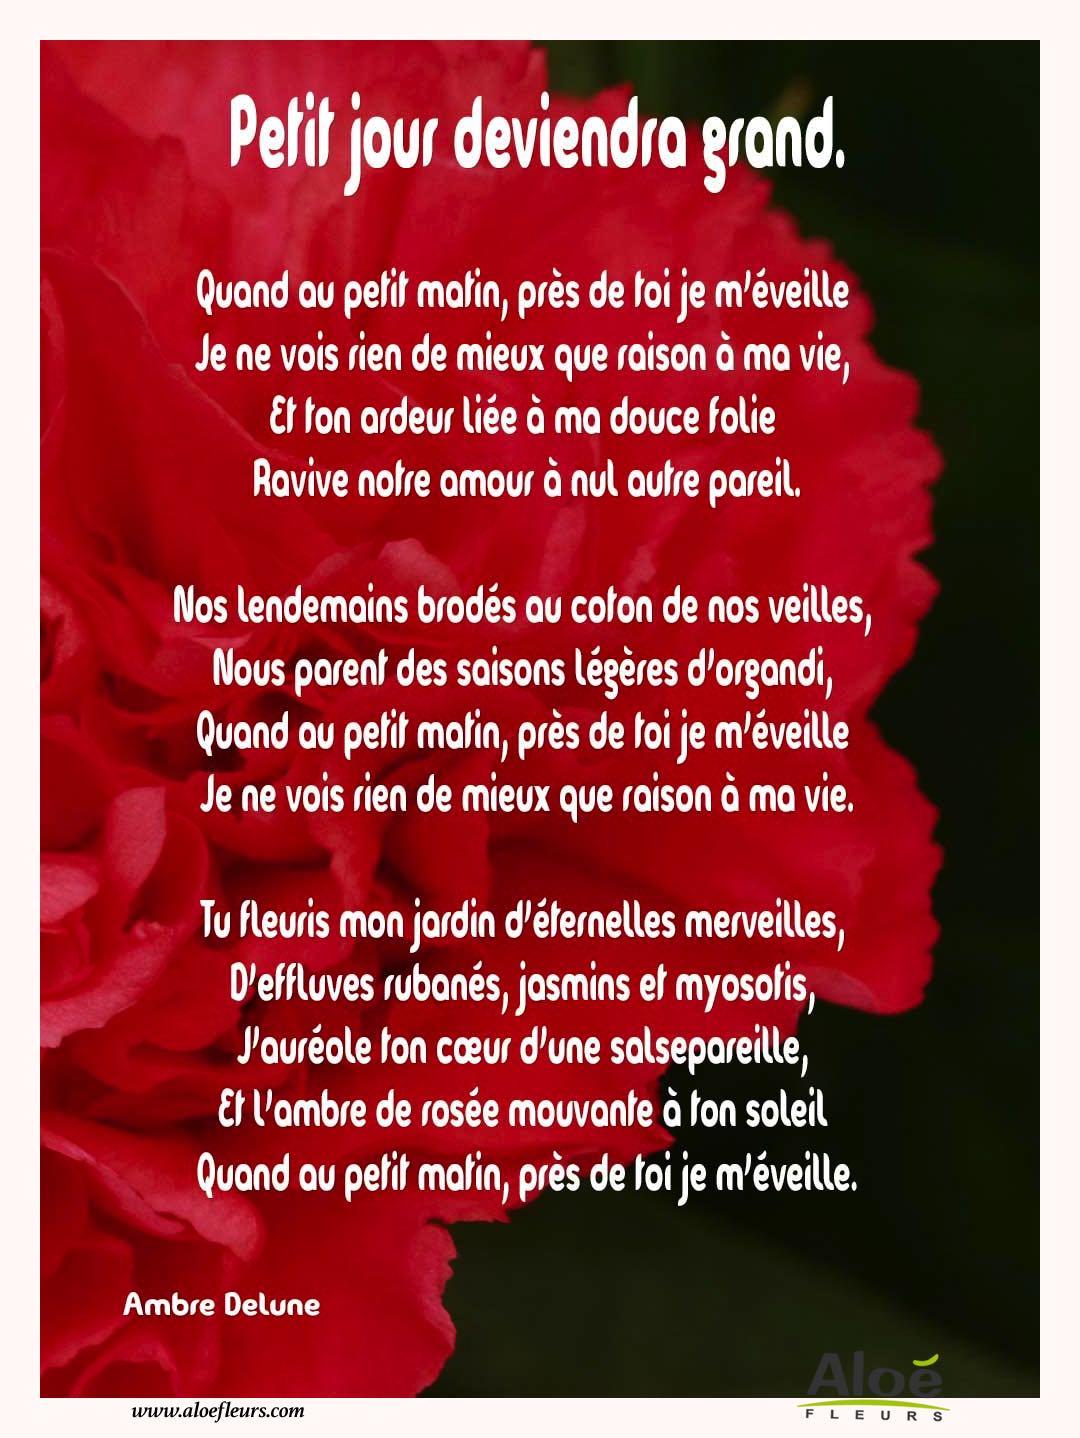 Les Poèmes De Fleurs En Images Par Aloé Fleurs